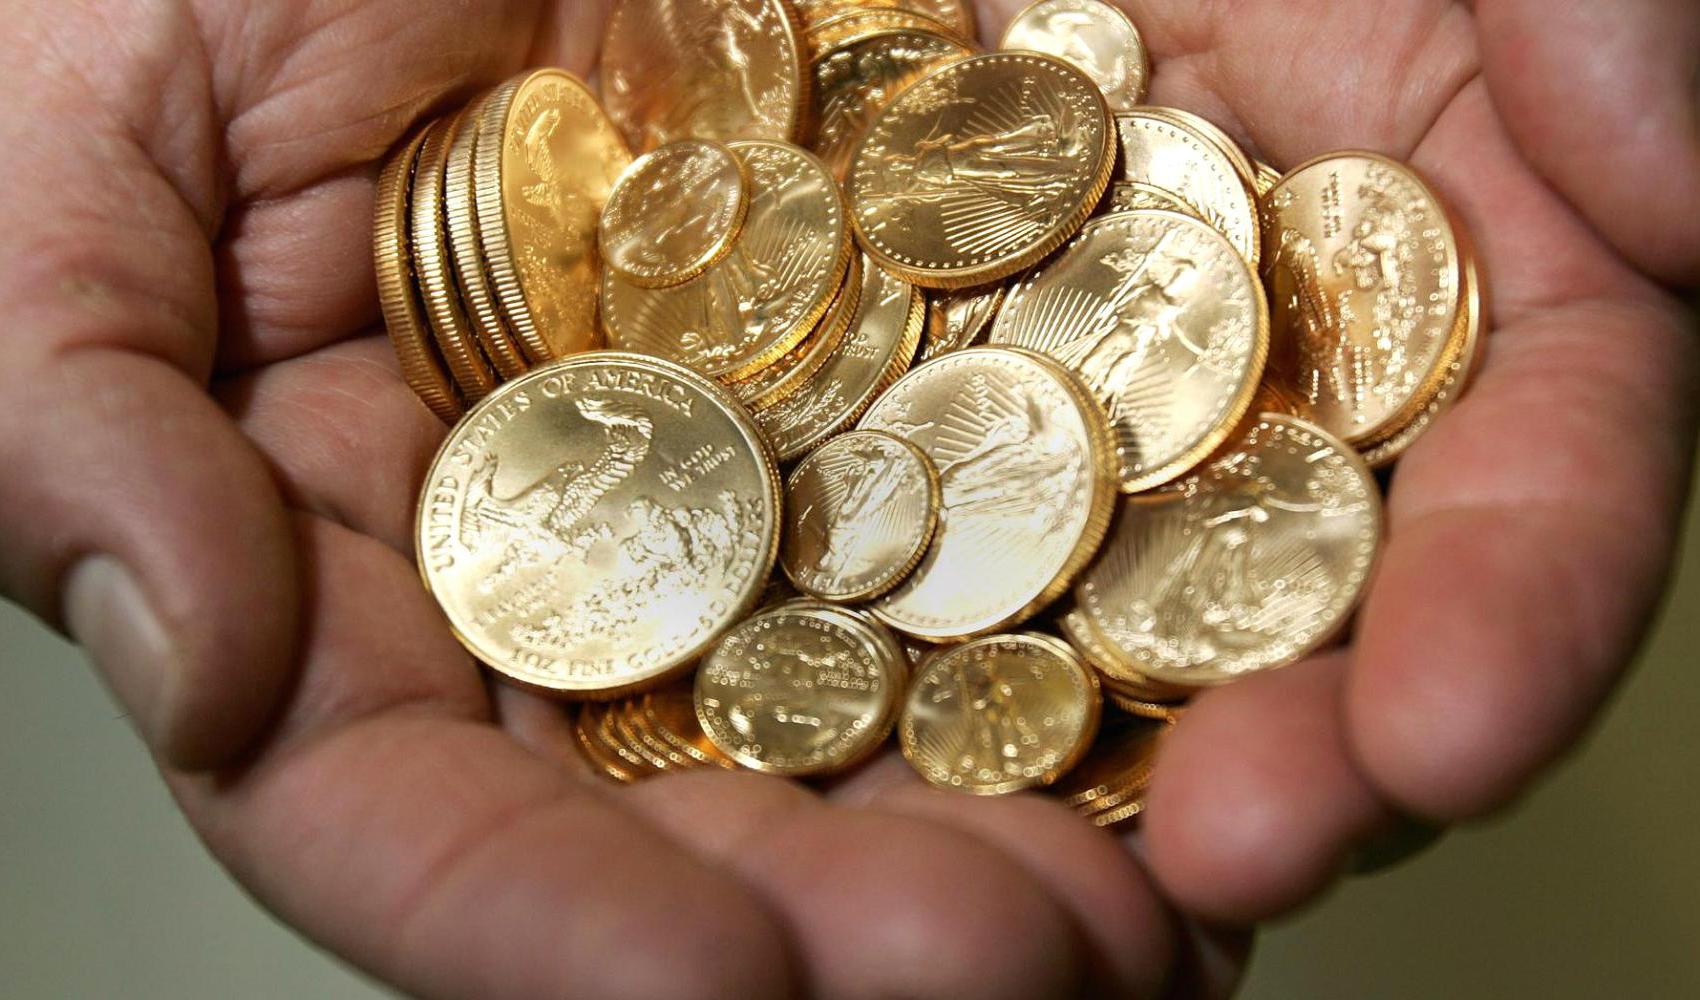 هر قطعه سکه طرح جدید امروز ۲۶ اسفند به ۴ میلیون و ۵۷۰ هزار تومان رسید